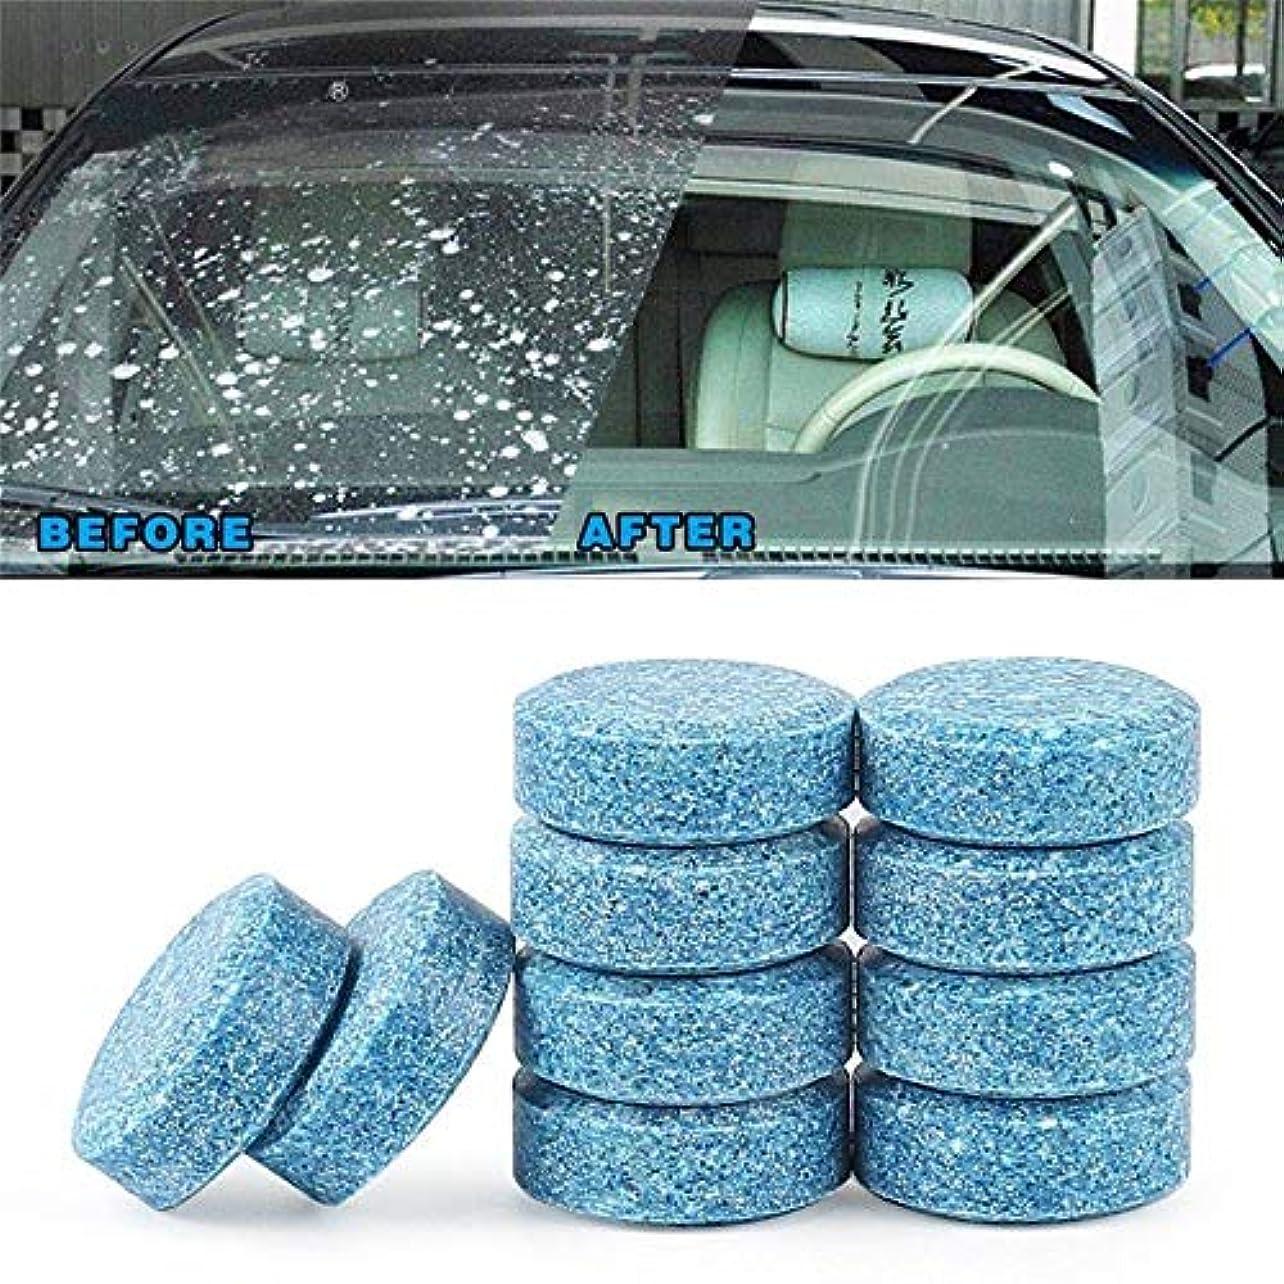 ベリーラリーベルモントスペード10 PC車のフロントガラスクリーニング車の窓ガラスクリーナー車固体ワイパー罰金ワイパー車自動ウィンドウクリーニング